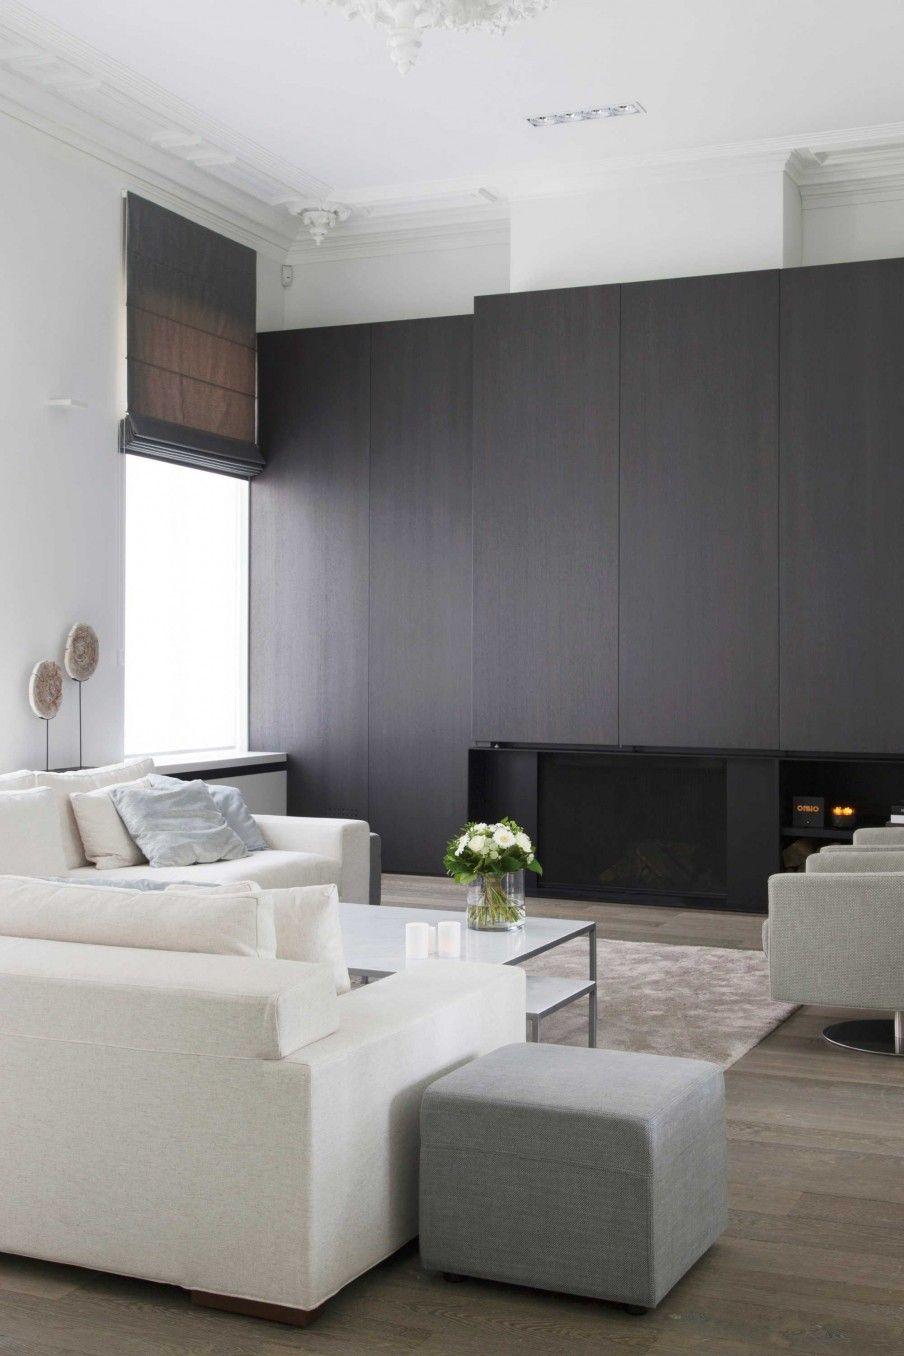 zwarte-wandkasten-woonkamer | wandkasten woonkamer | Pinterest ...